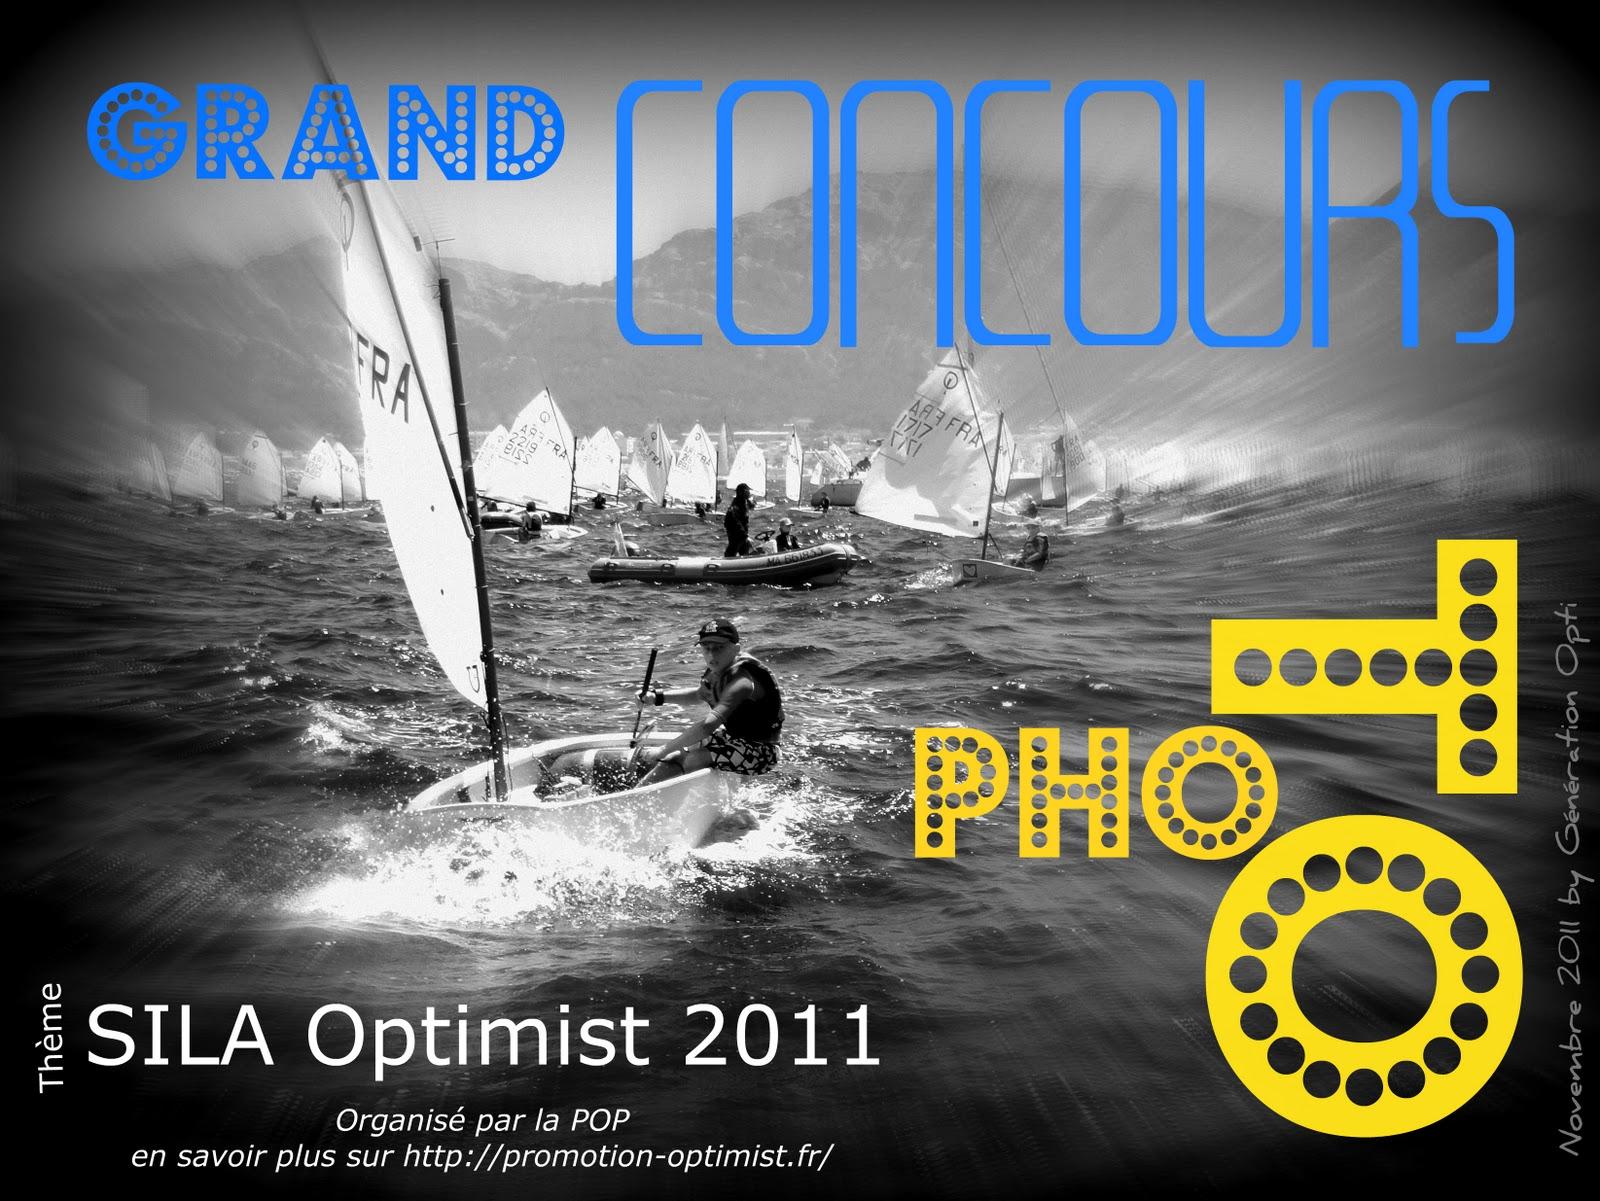 Optimist voile concours photo promotion optimist pop sila 2011 Génération-Opti generation opti compétition inter ligue photographie